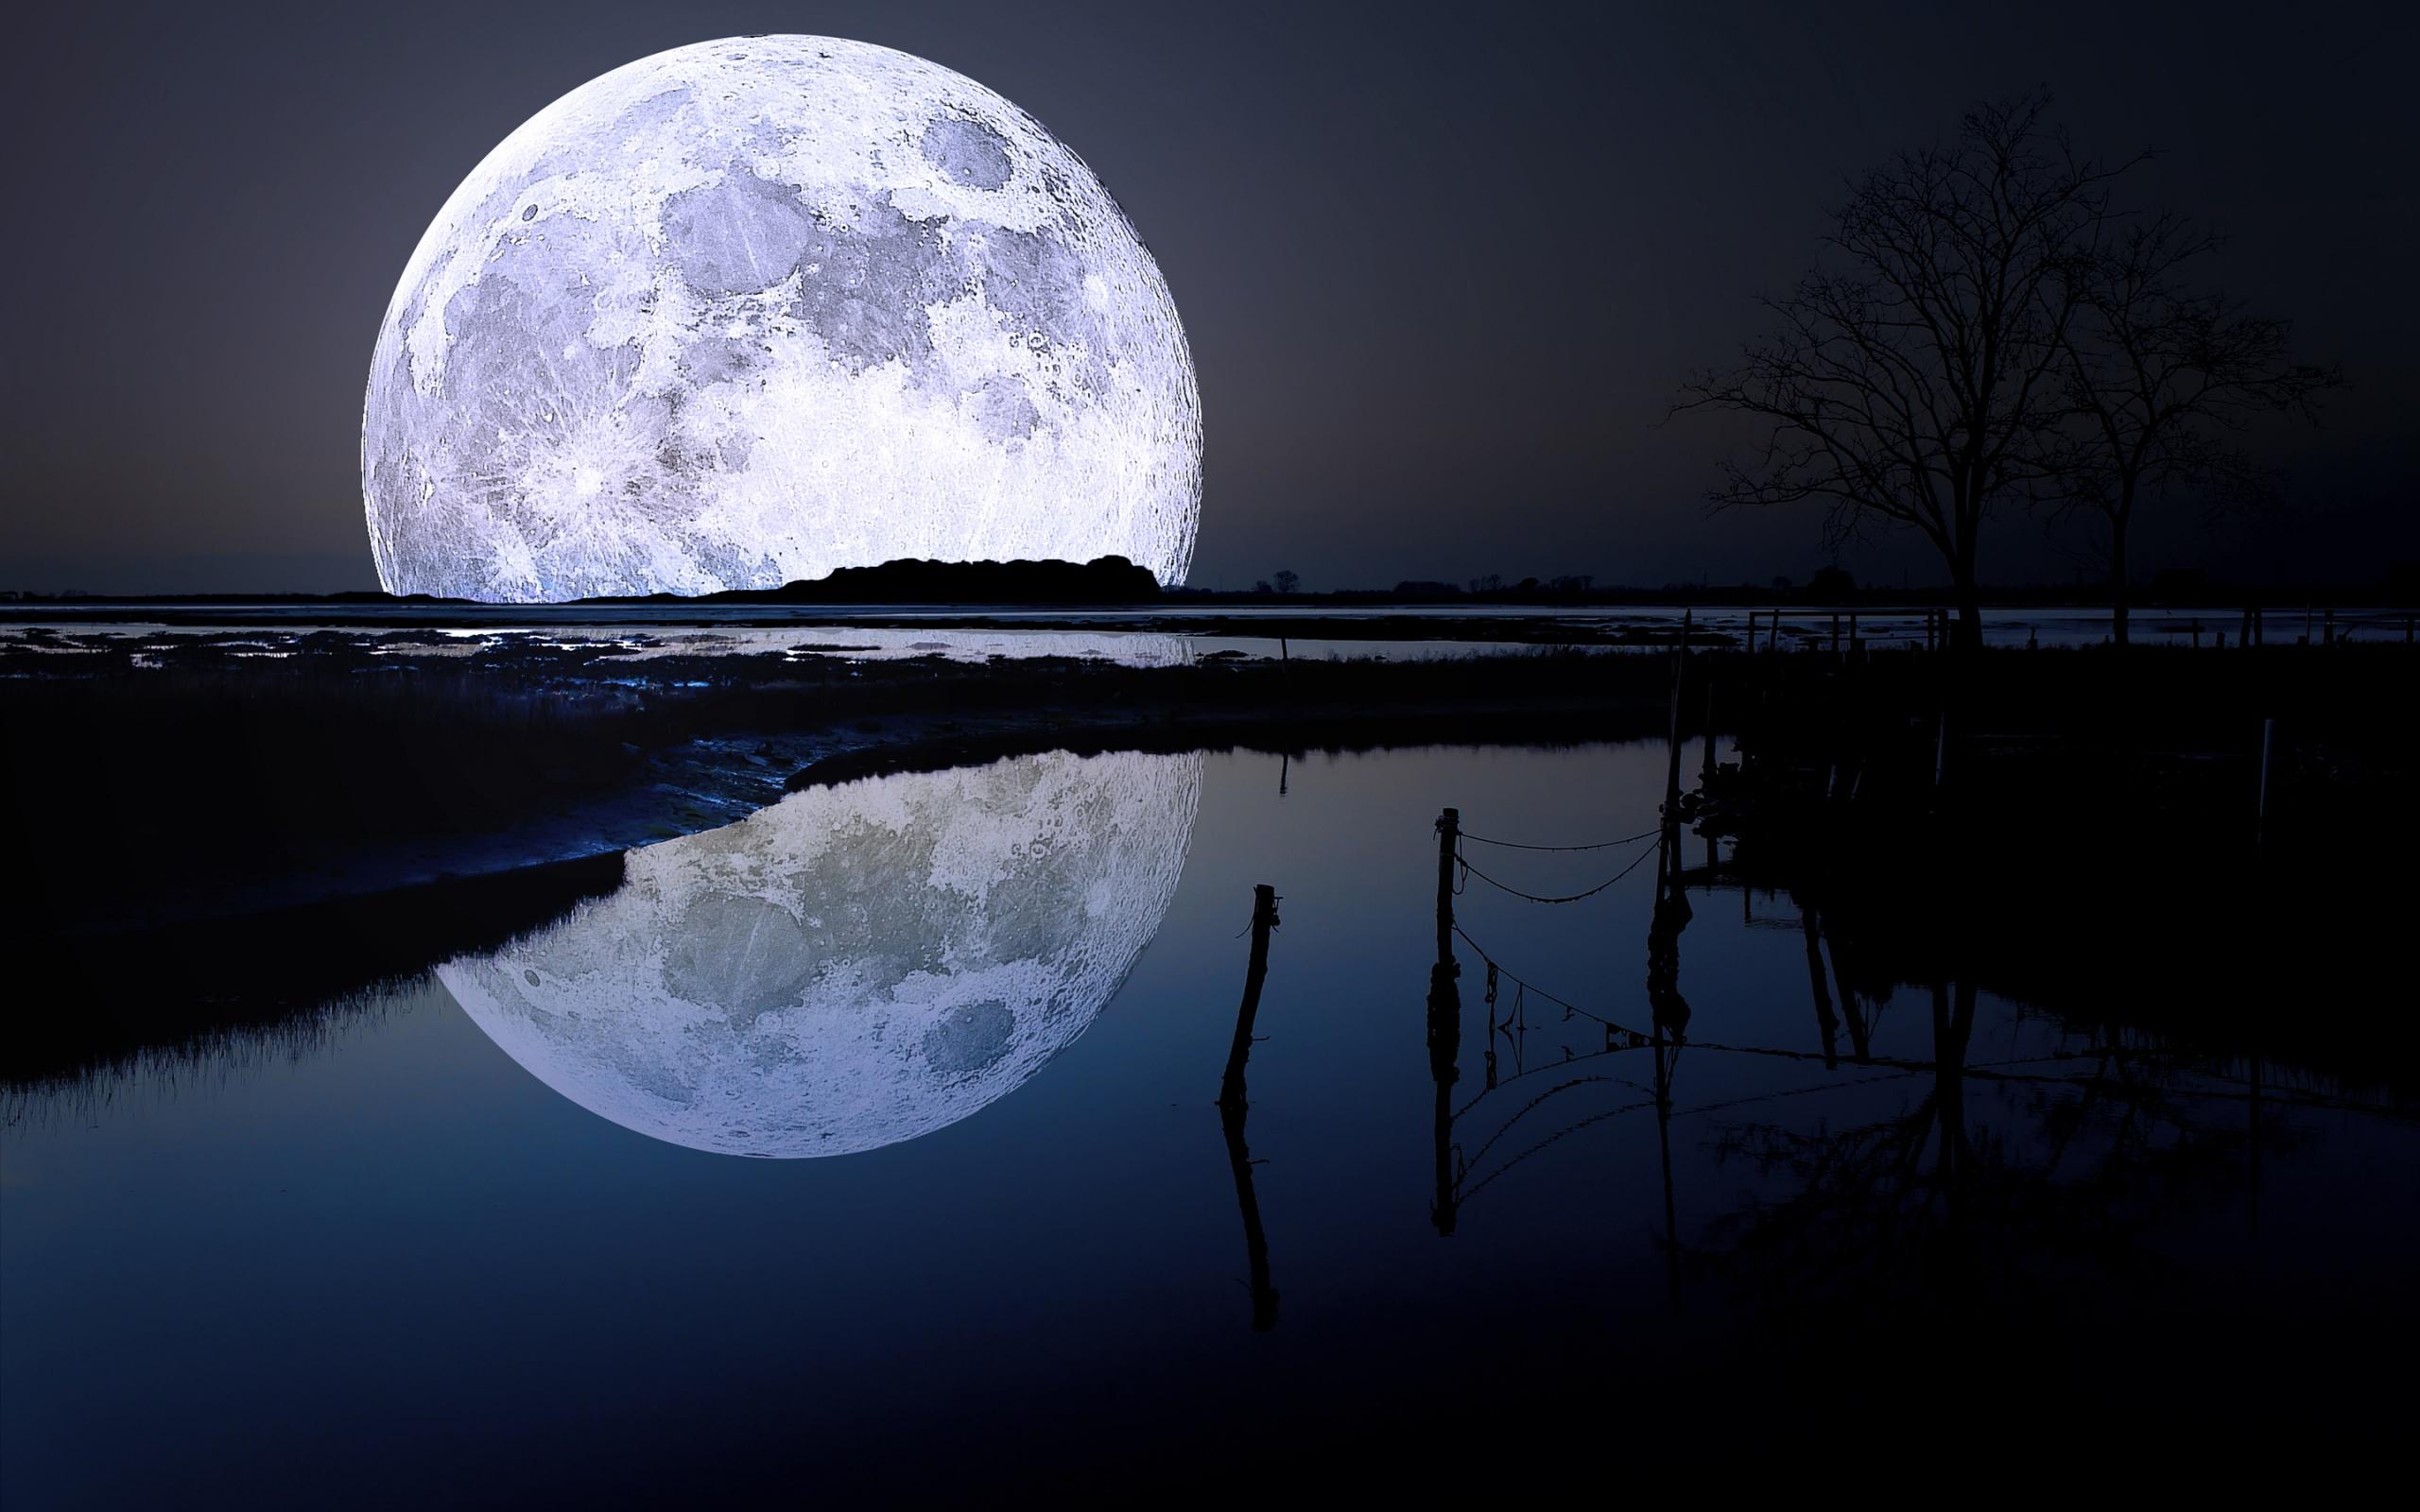 сайт картинок луны очистить, разрезать вдоль